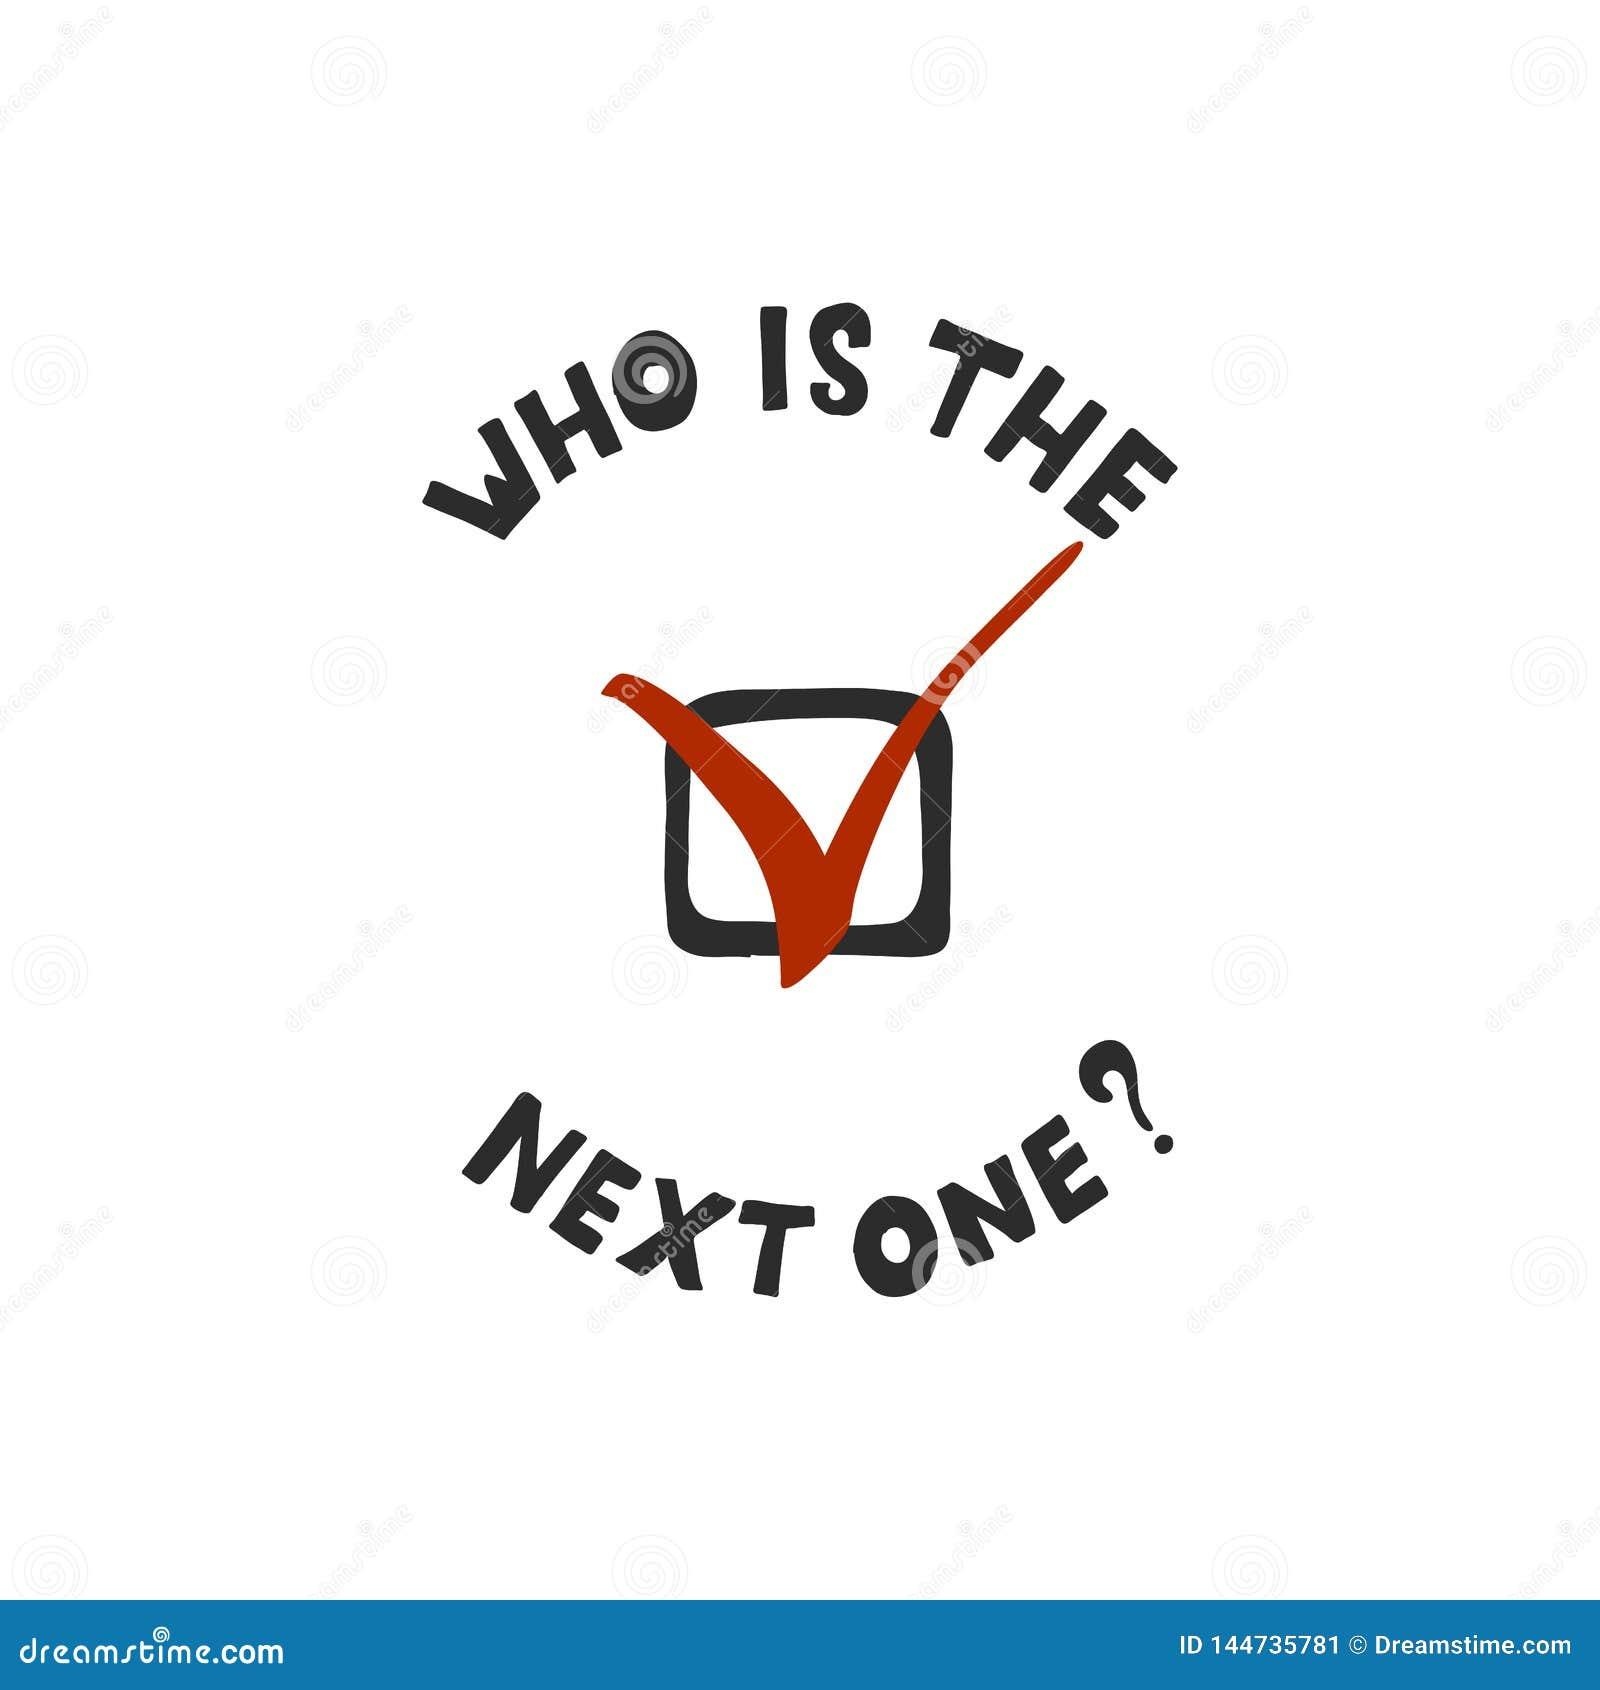 Το θέμα ποιος θα κερδίσει προεδρικές εκλογές στις Ηνωμένες Πολιτείες το 2020